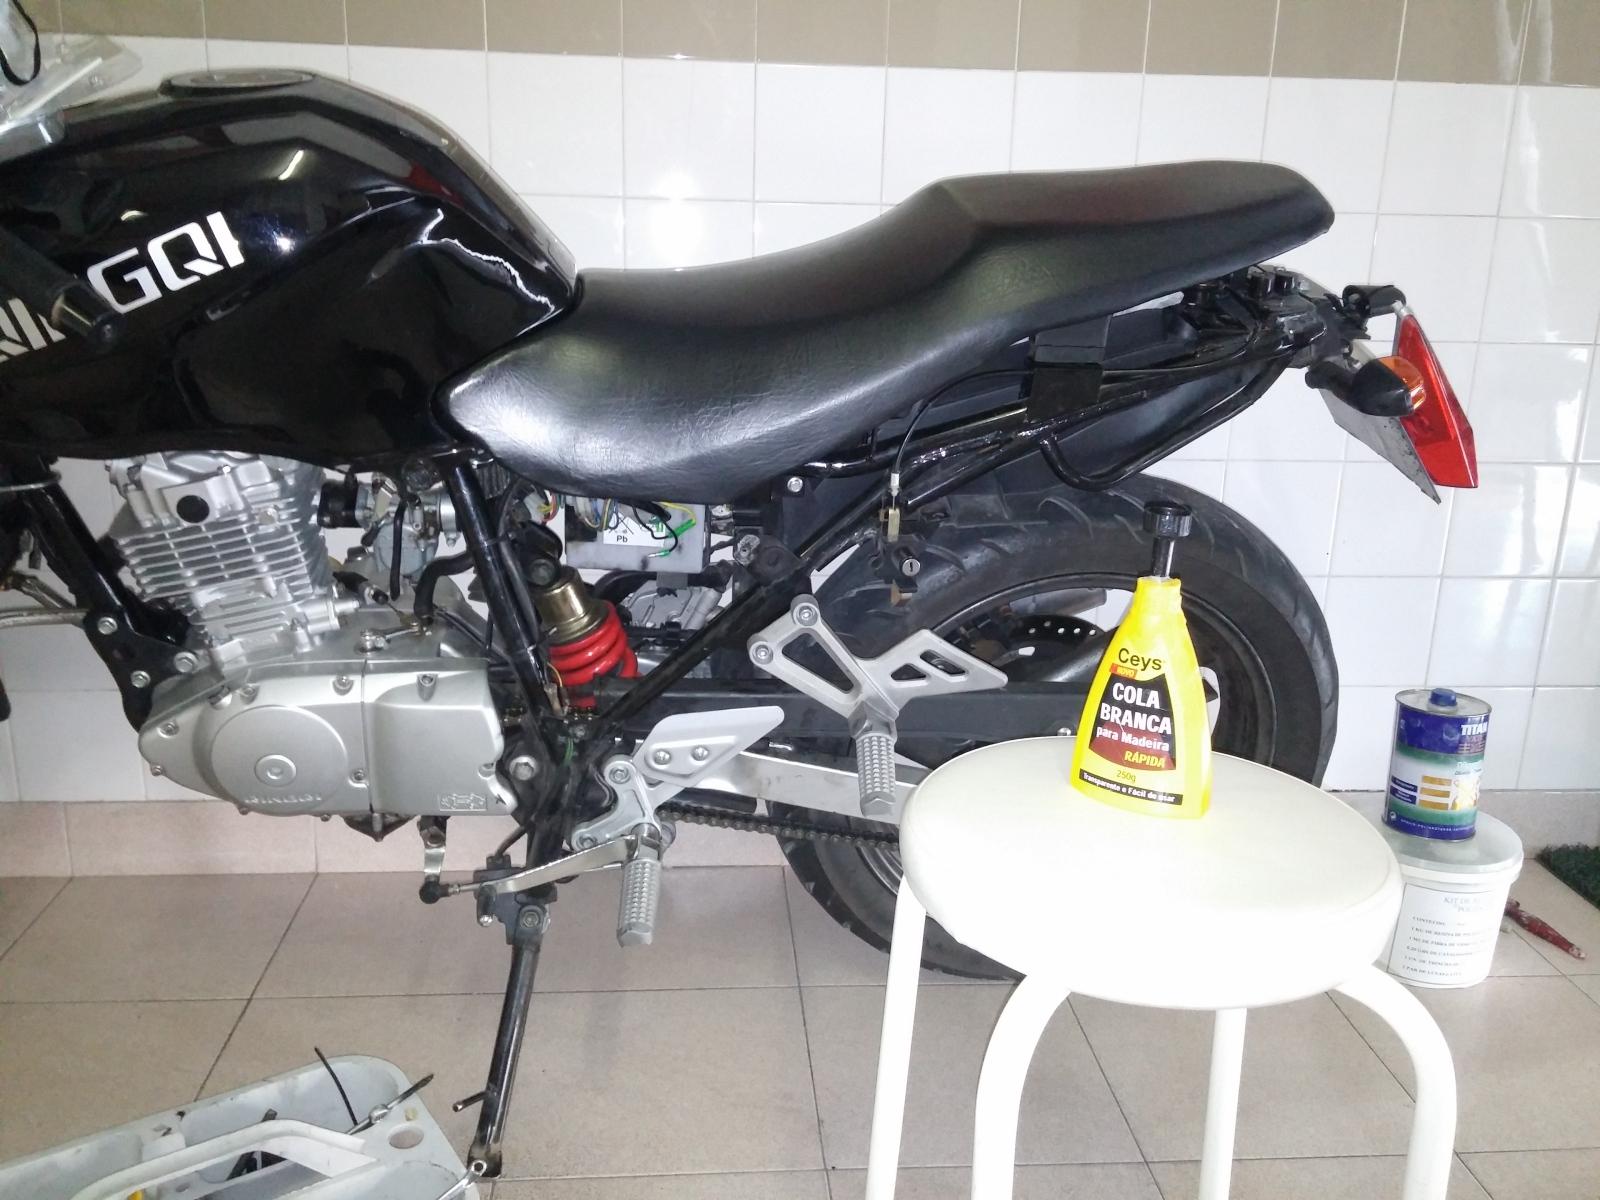 Qingqi Sport 125 / I-moto Strada  - Página 15 28lrh3s